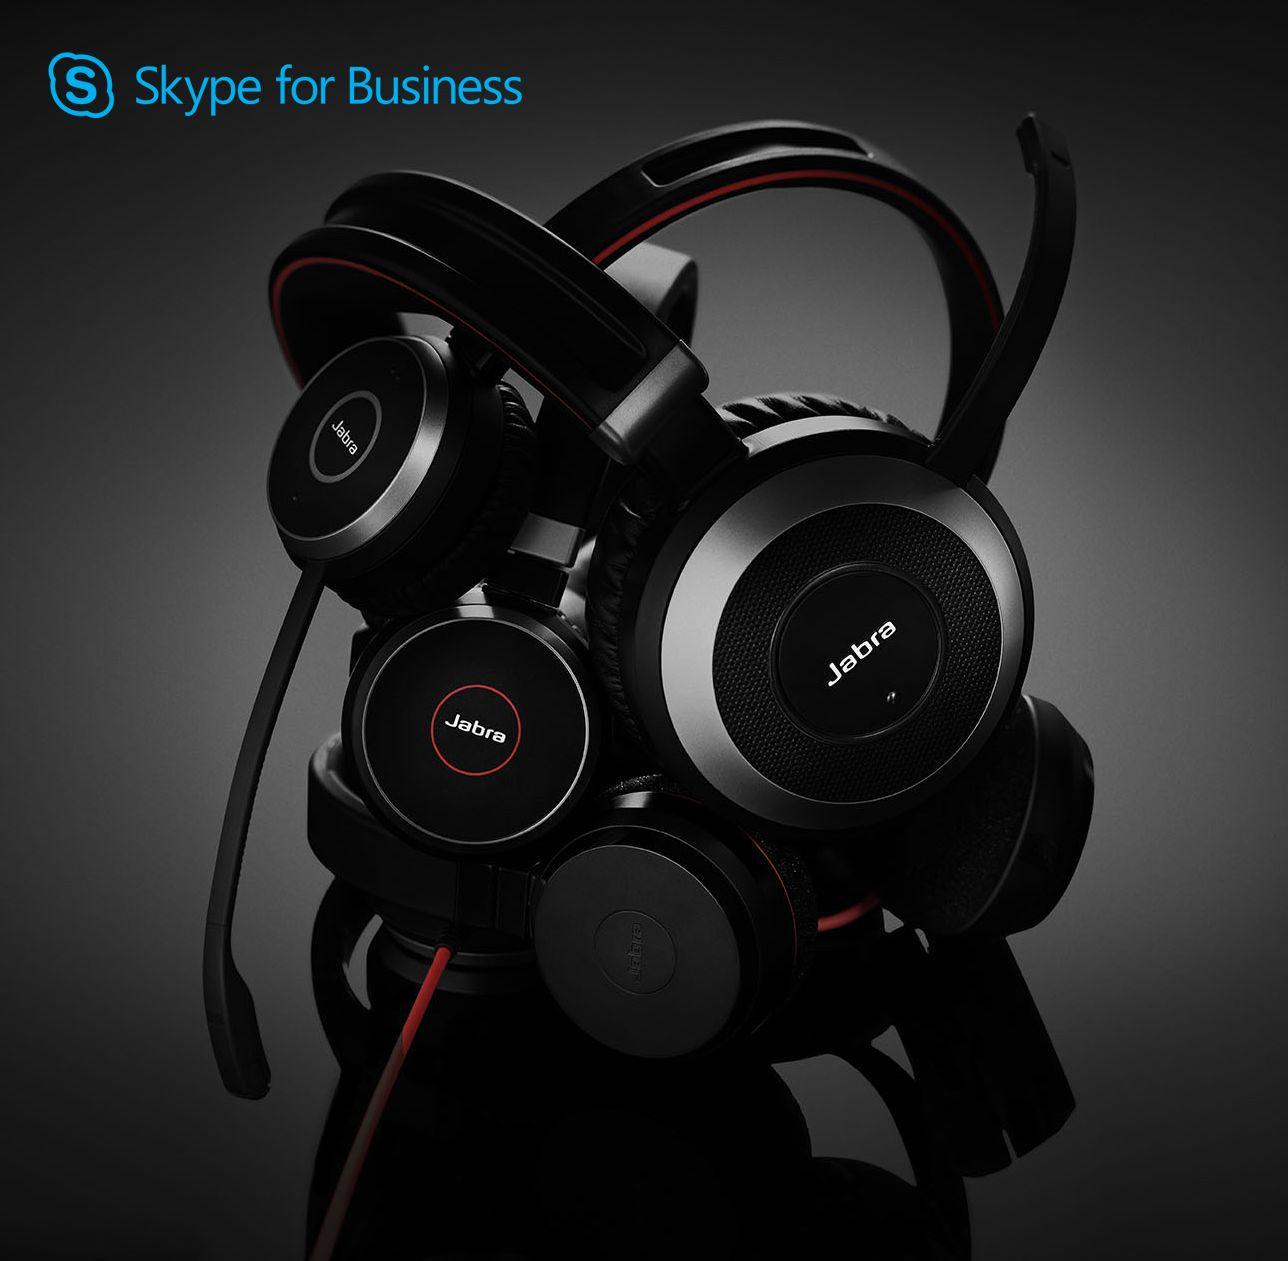 Evolve_family_skype for business